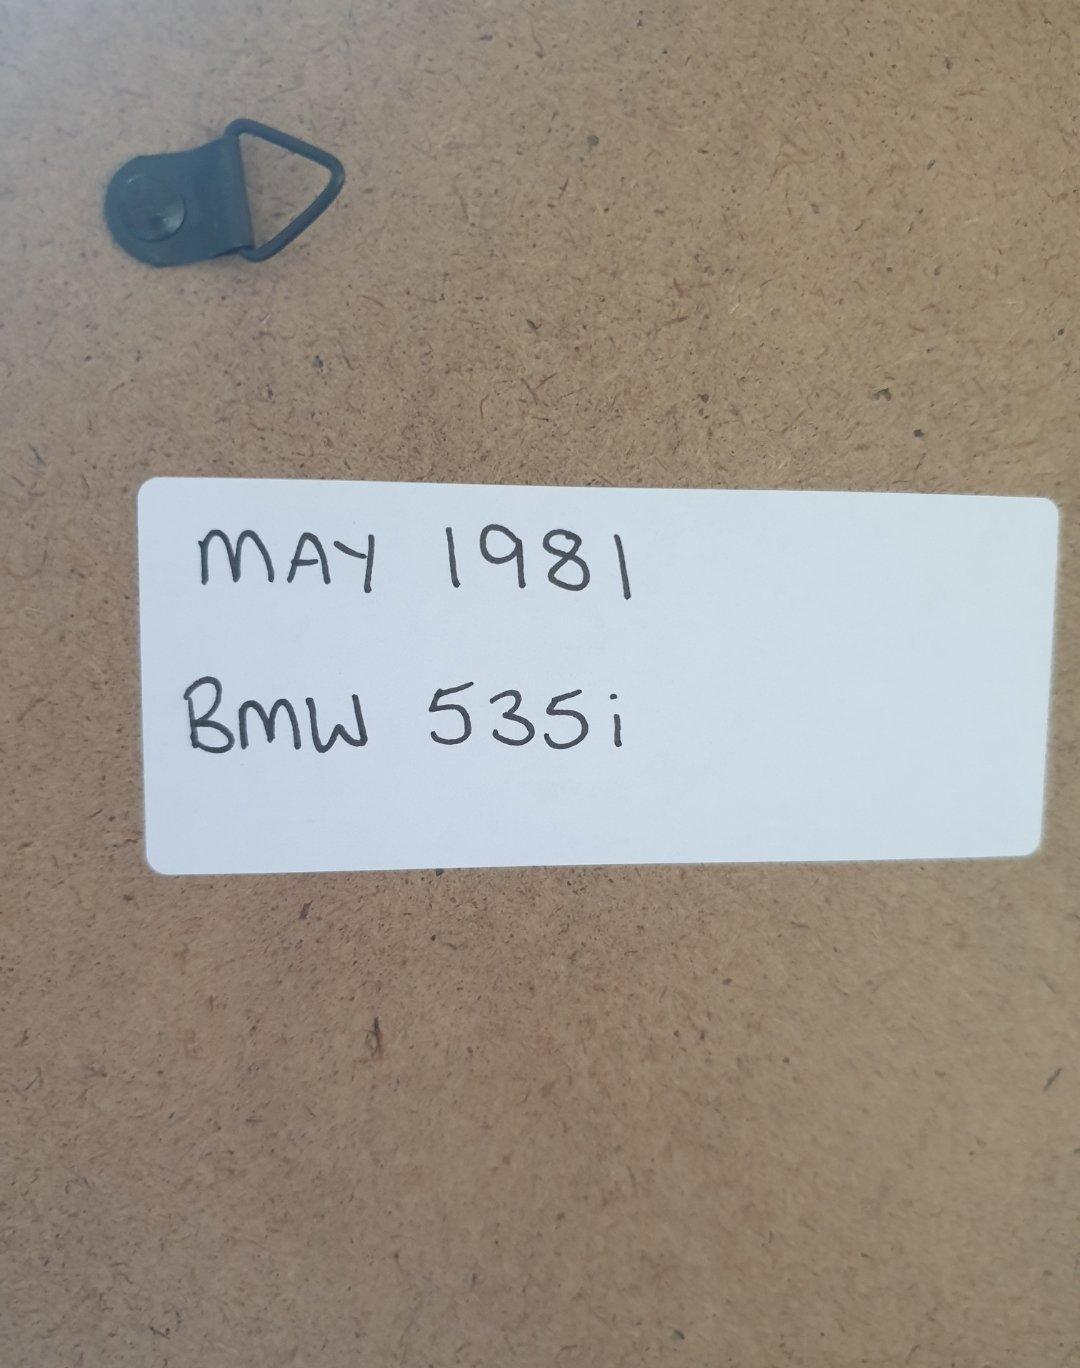 1981 Original BMW 535i Framed Advert For Sale (picture 2 of 2)